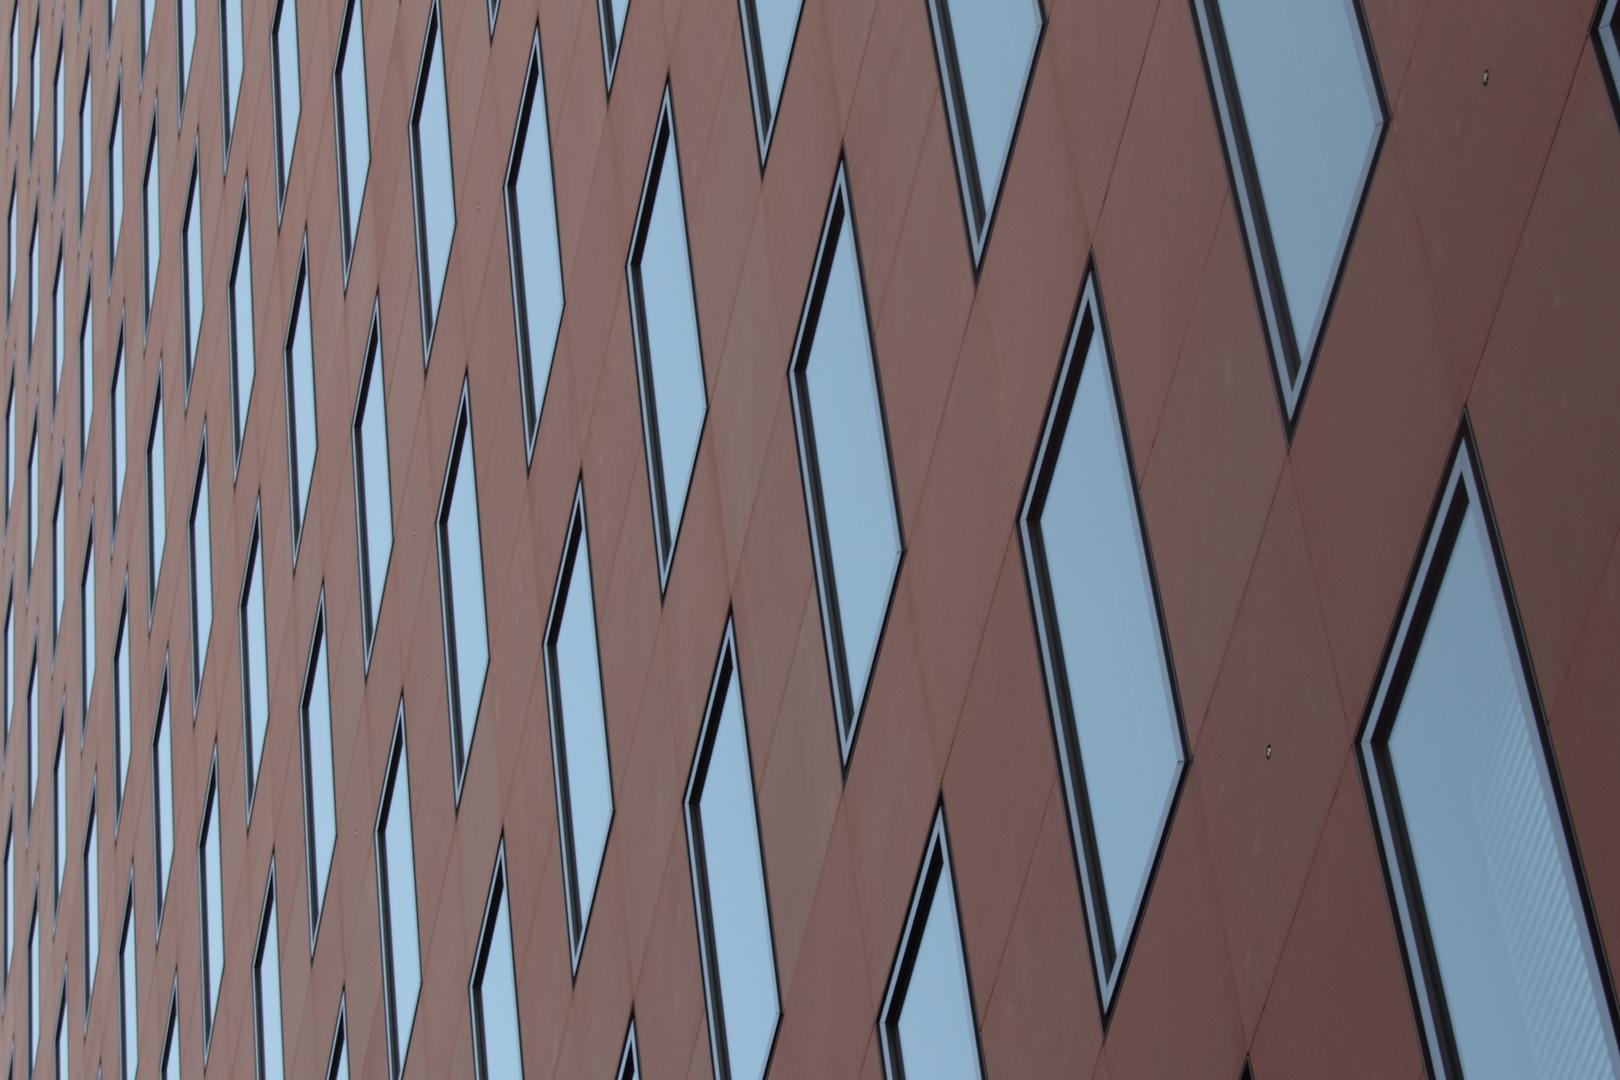 Vertikal Diagonal